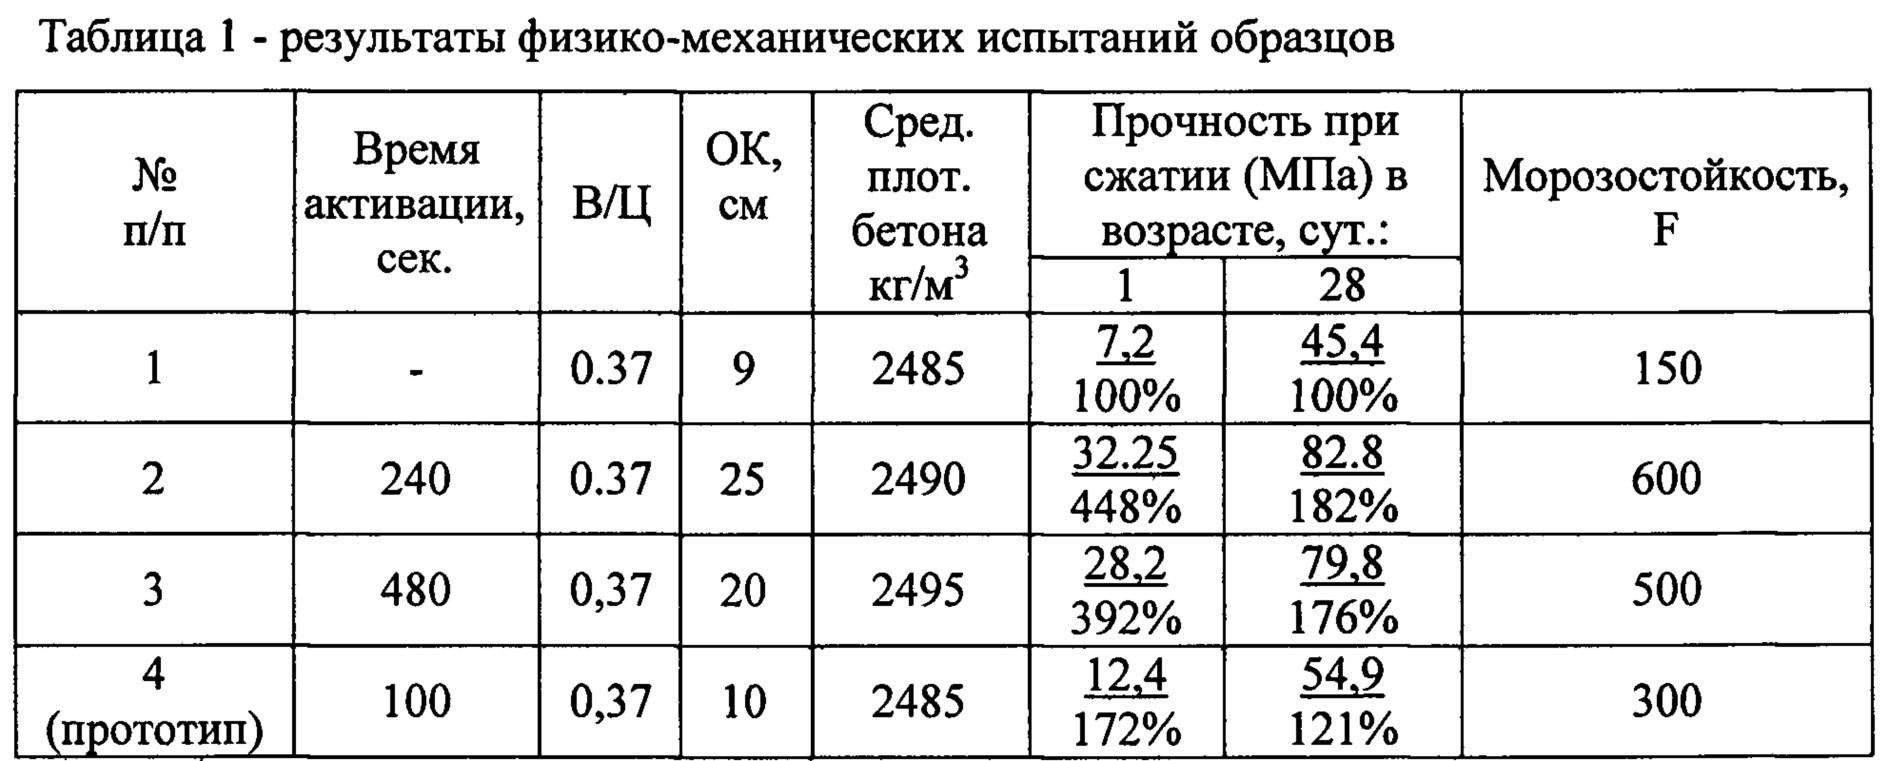 Бетонная смесь характеристики мпа цемент завод в москве